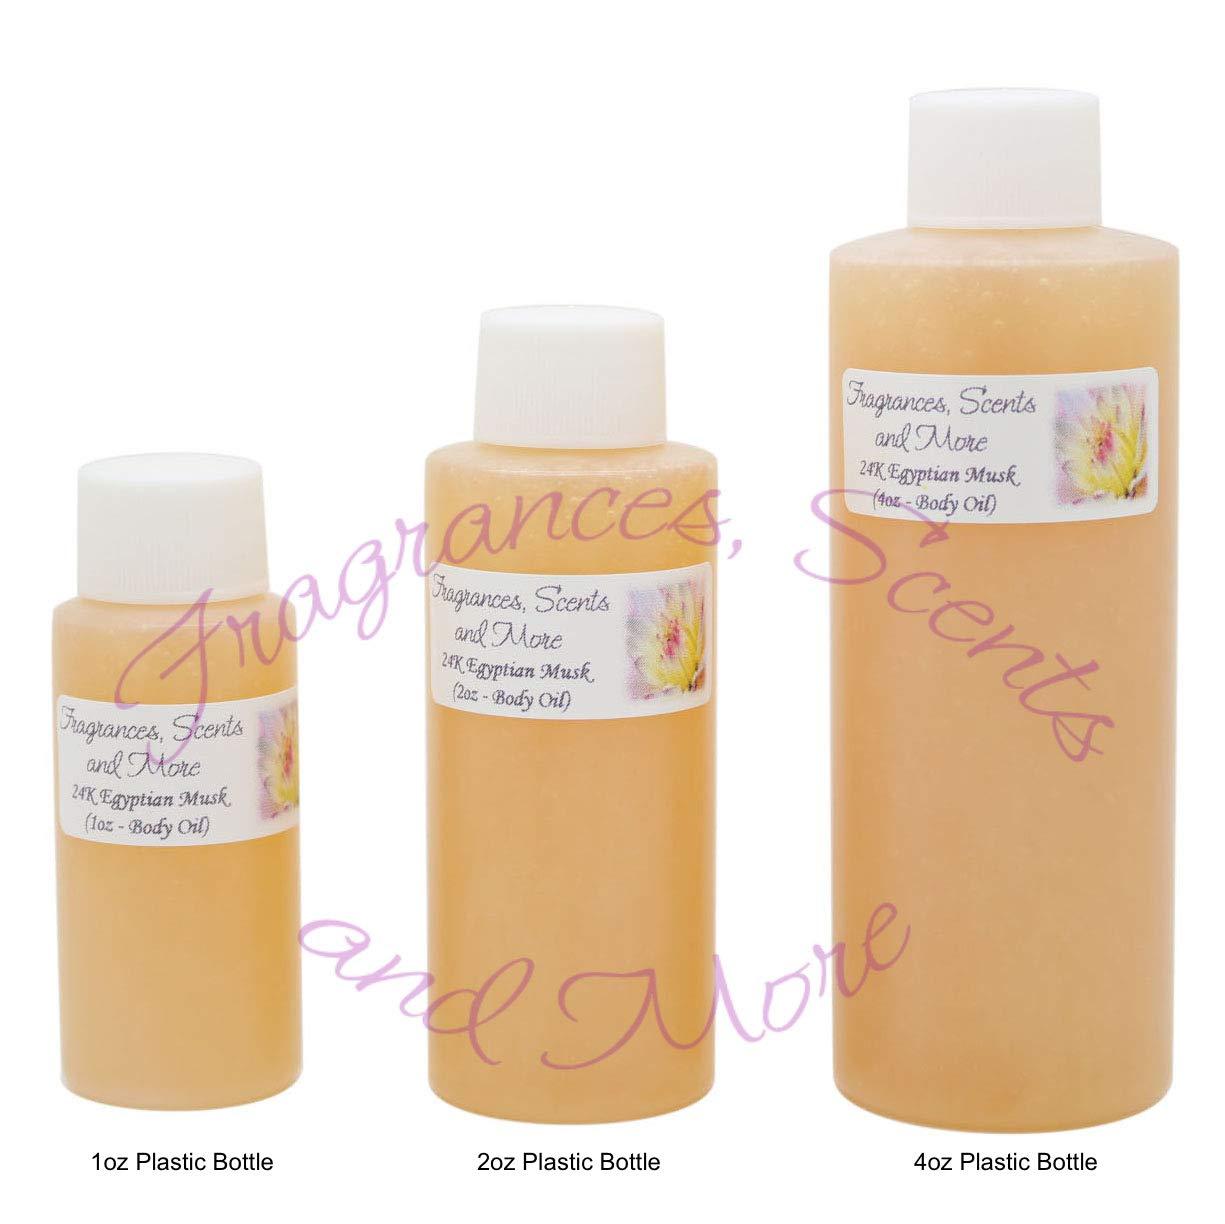 24K Egyptian Musk Perfume/Body Oil (7 Sizes) - Free Shipping (4oz Plastic Bottle (120ml))